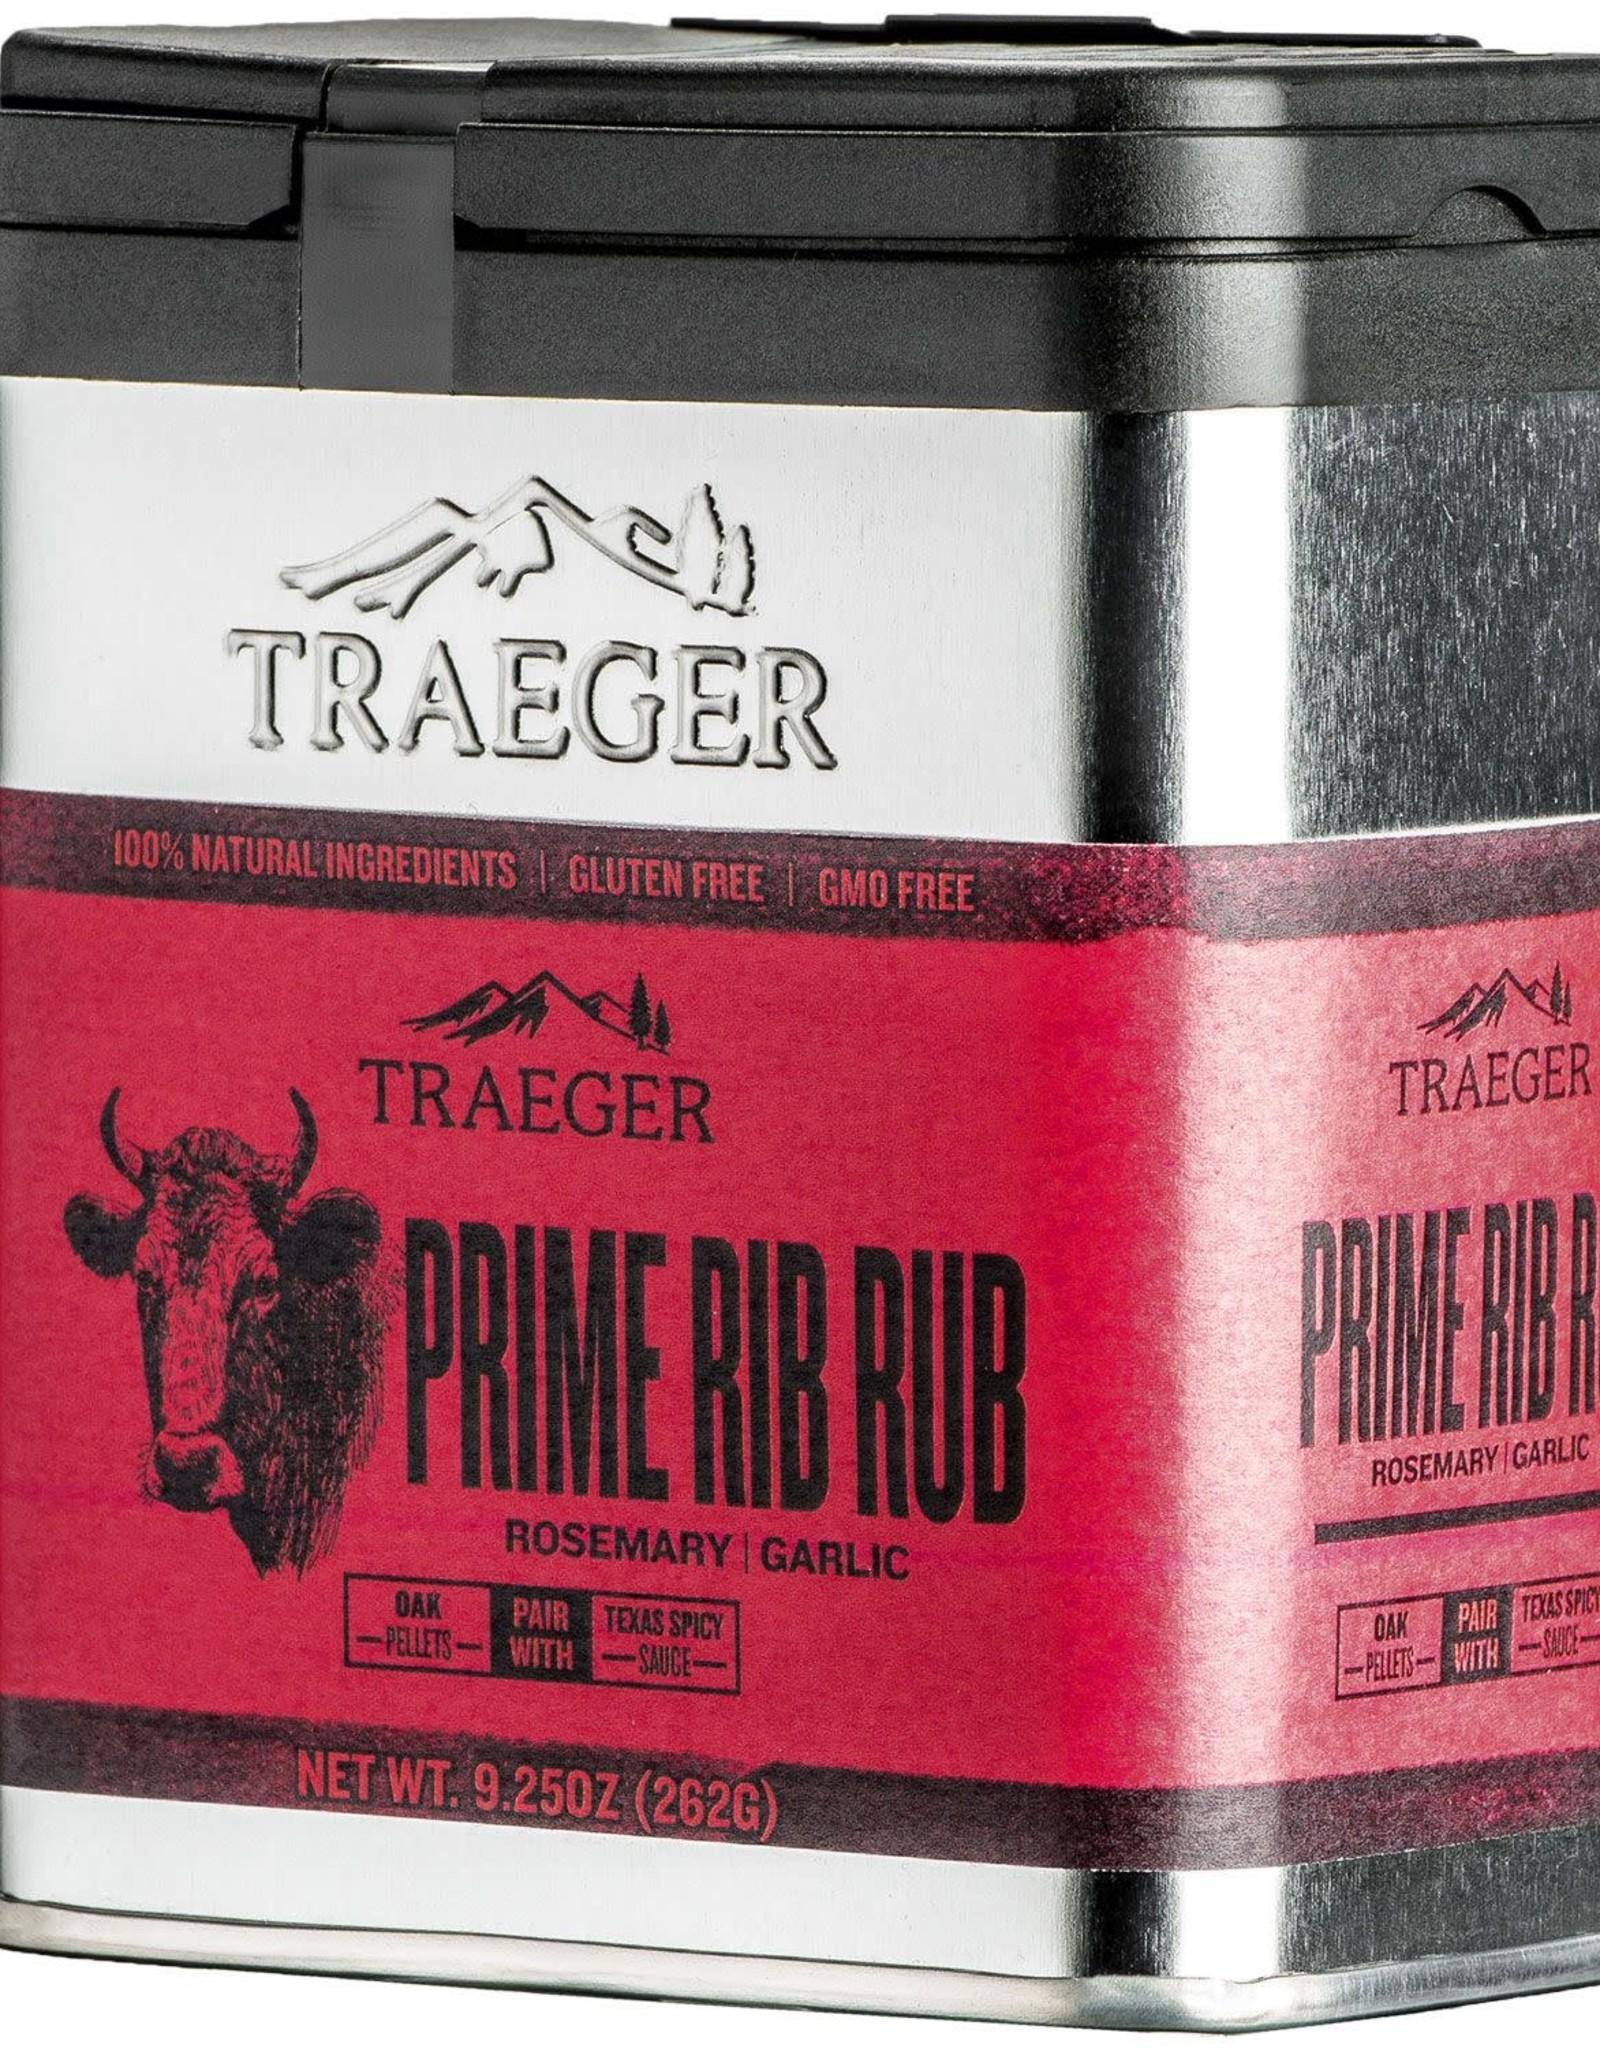 Traeger Traeger Prime Rib Rub - SPC173